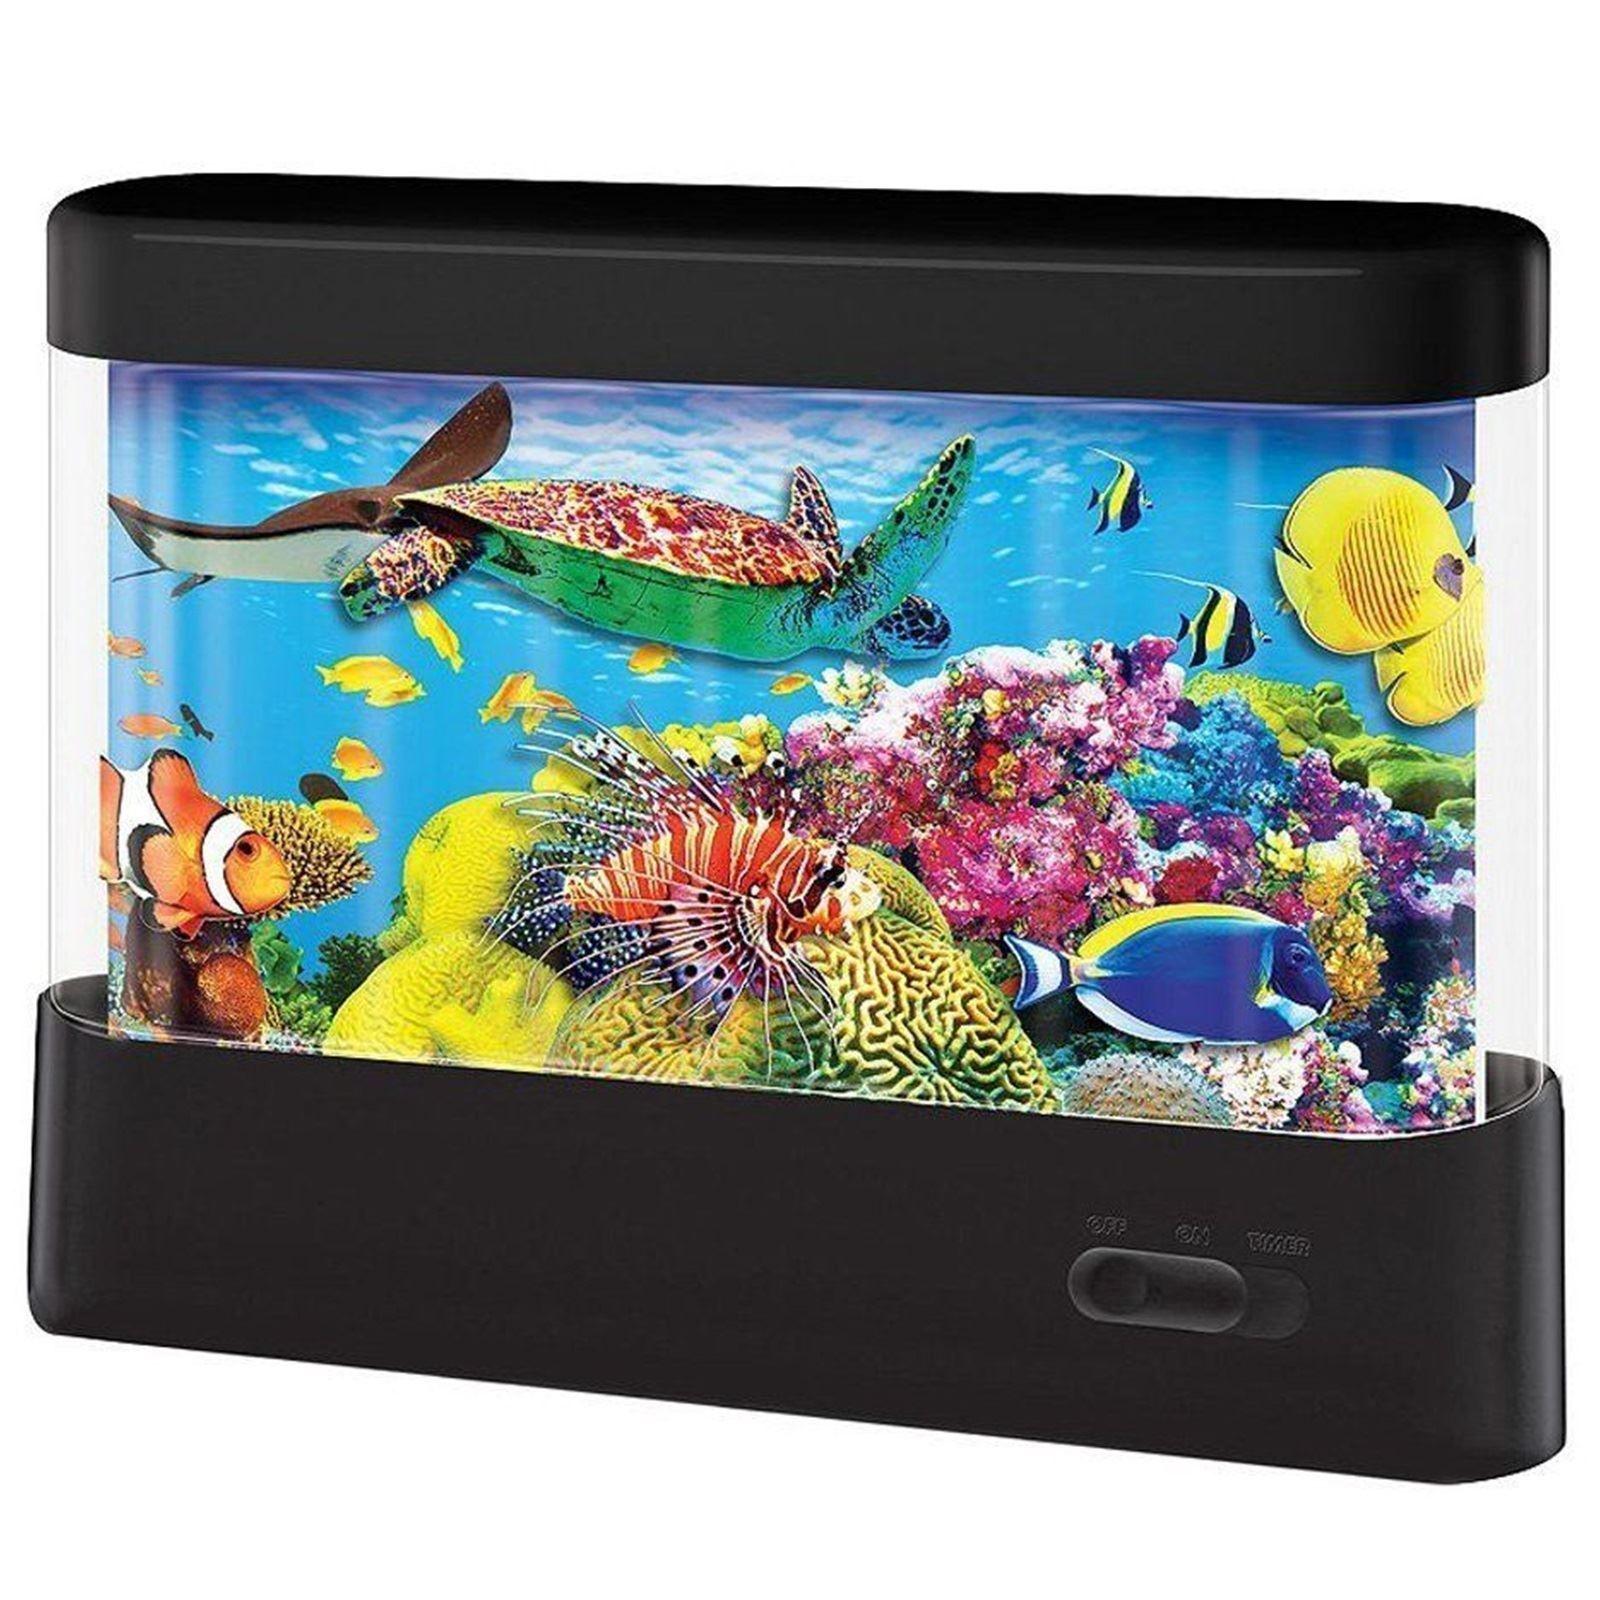 Led Animated Scene Aquarium Fish Tank Mood Night Light